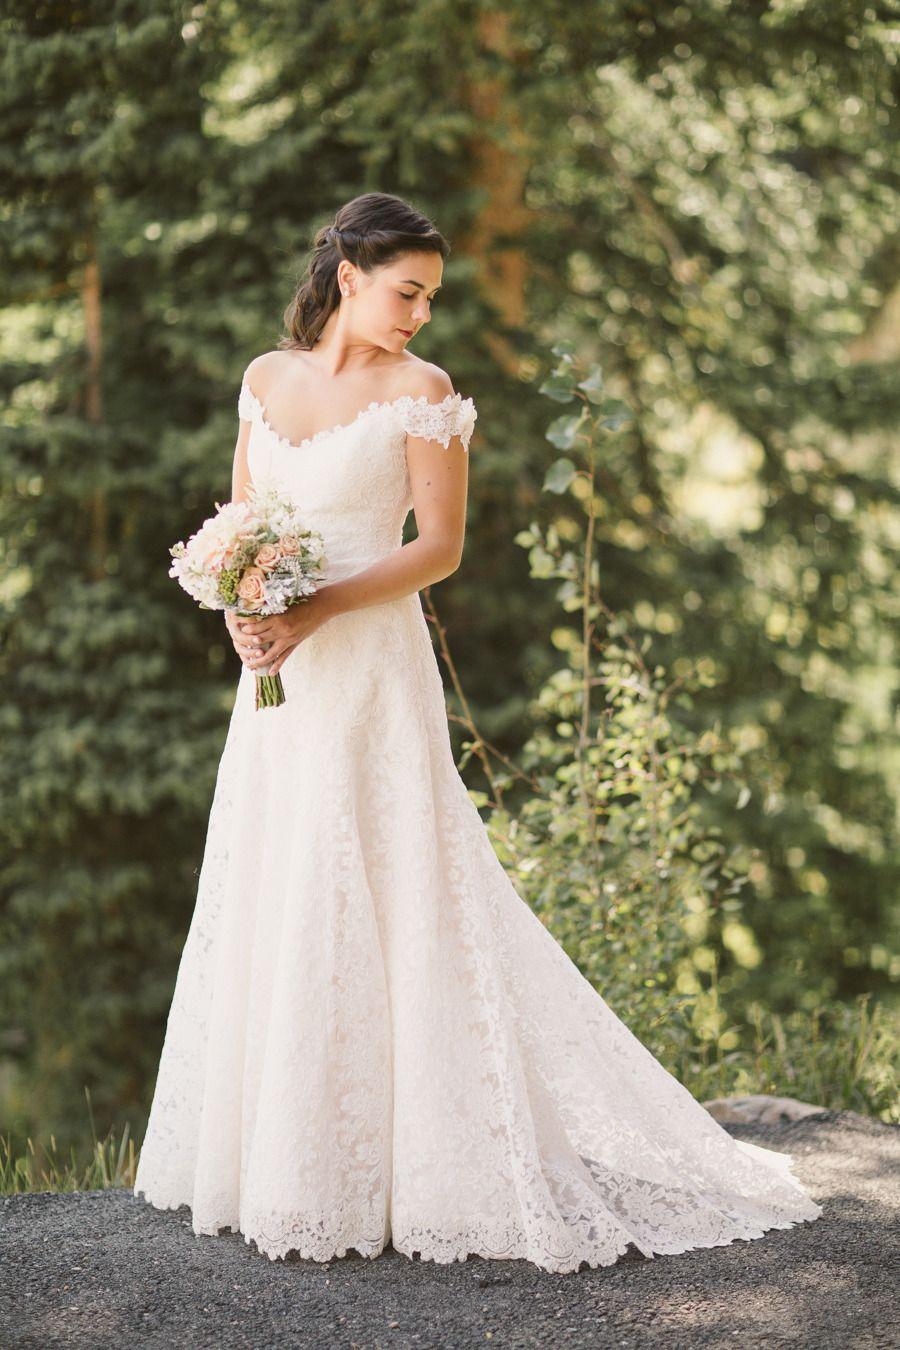 Montanta Mountain Destination Wedding Wedding Dresses